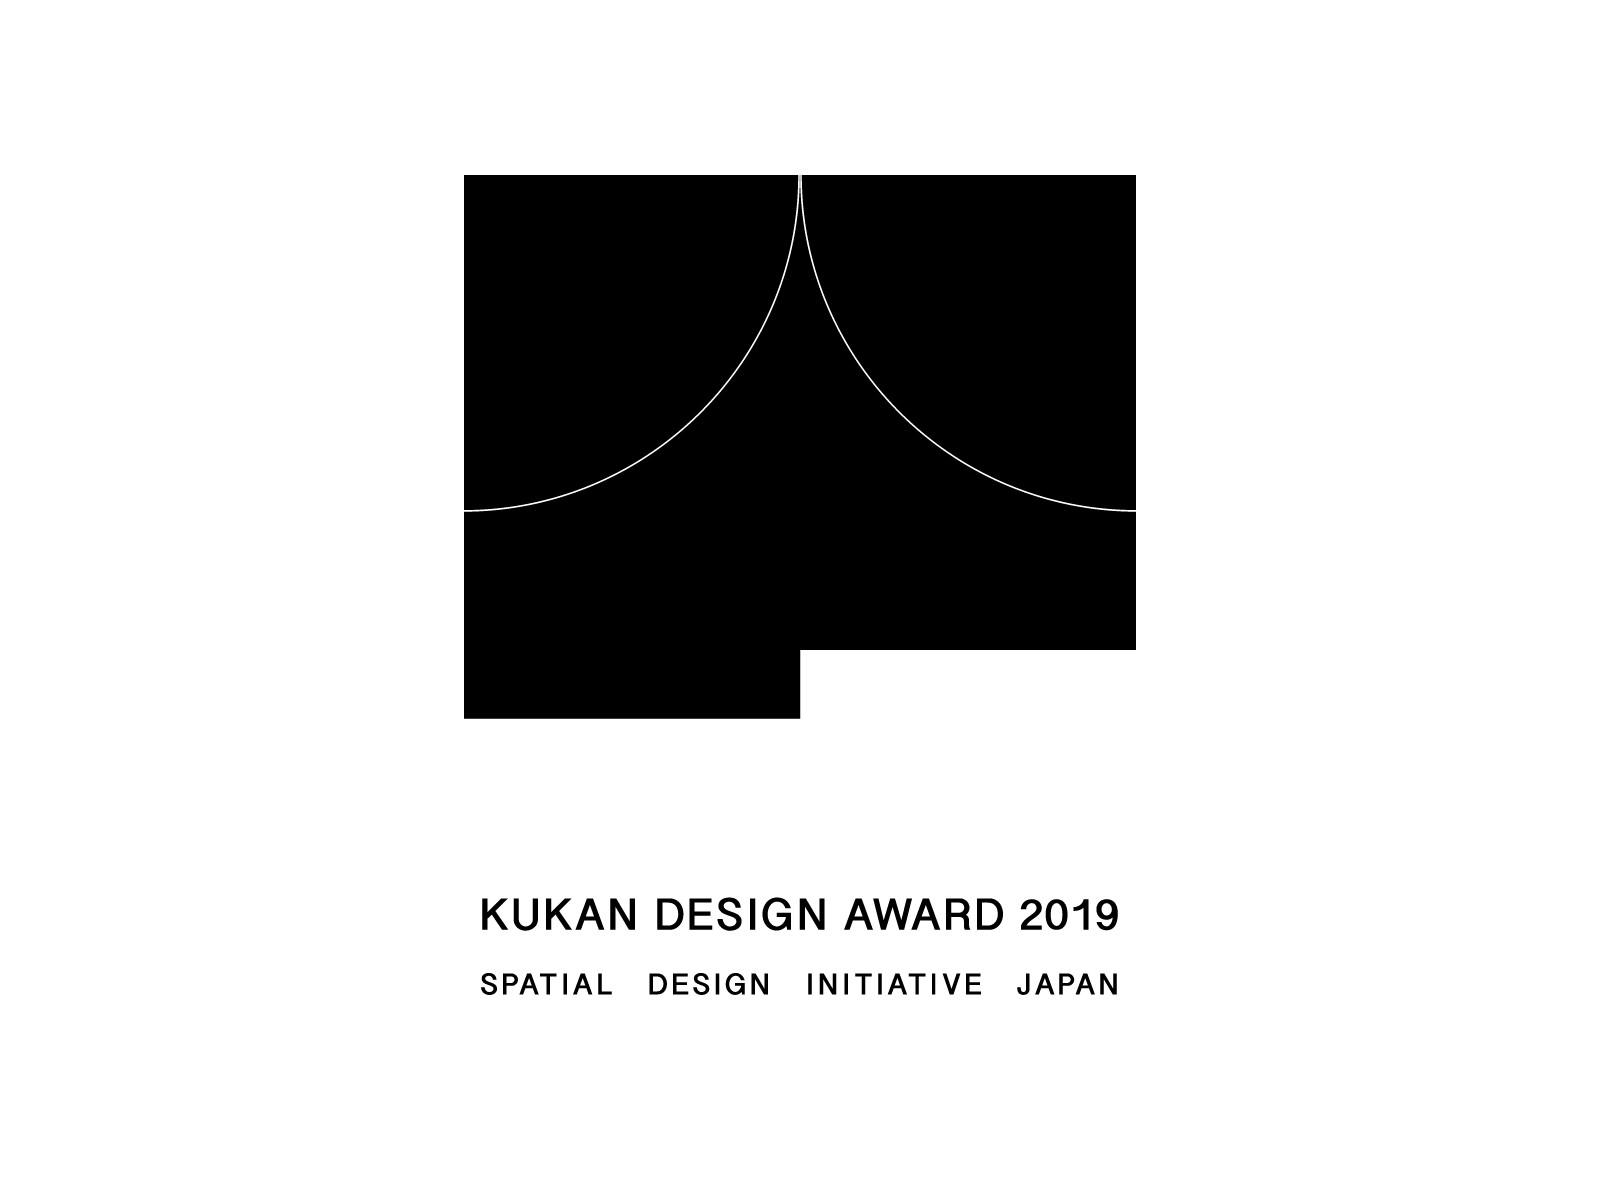 works_kukandesignaward2019_logo_01